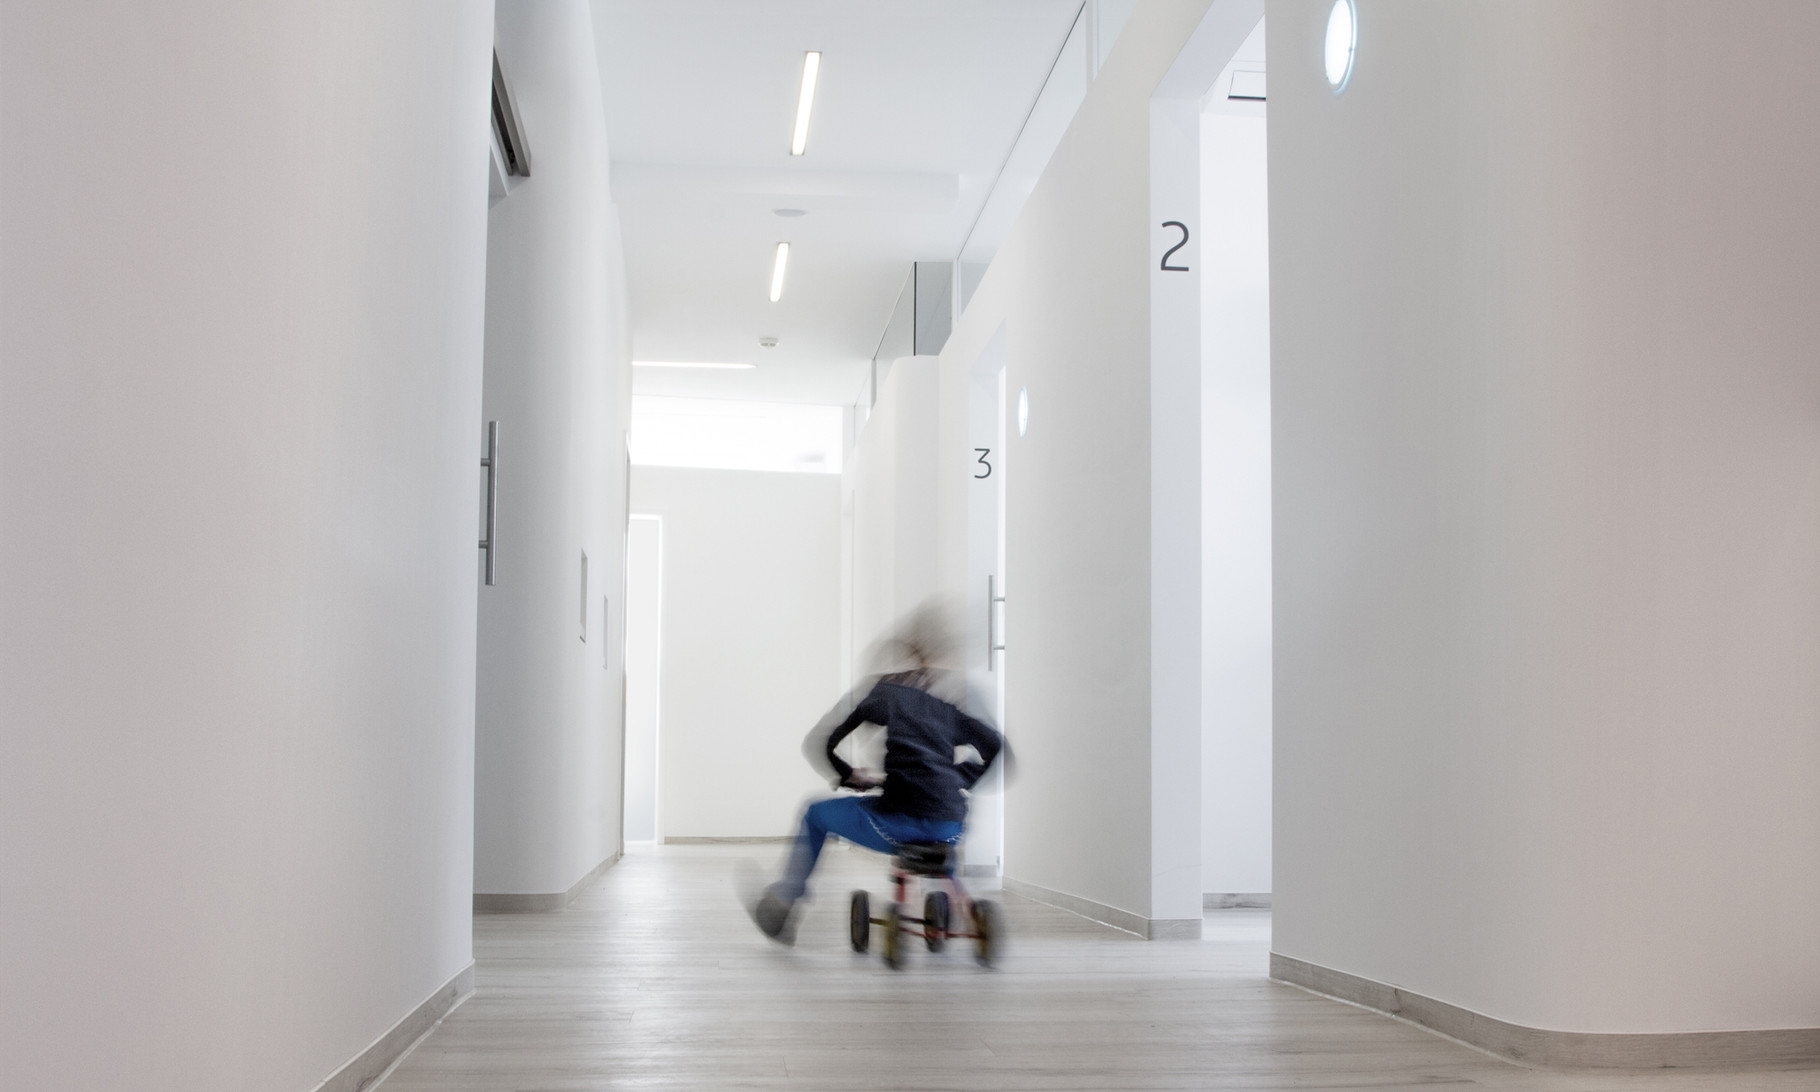 Am Kindersamstag können die kleinen unsere Praxis erkunden